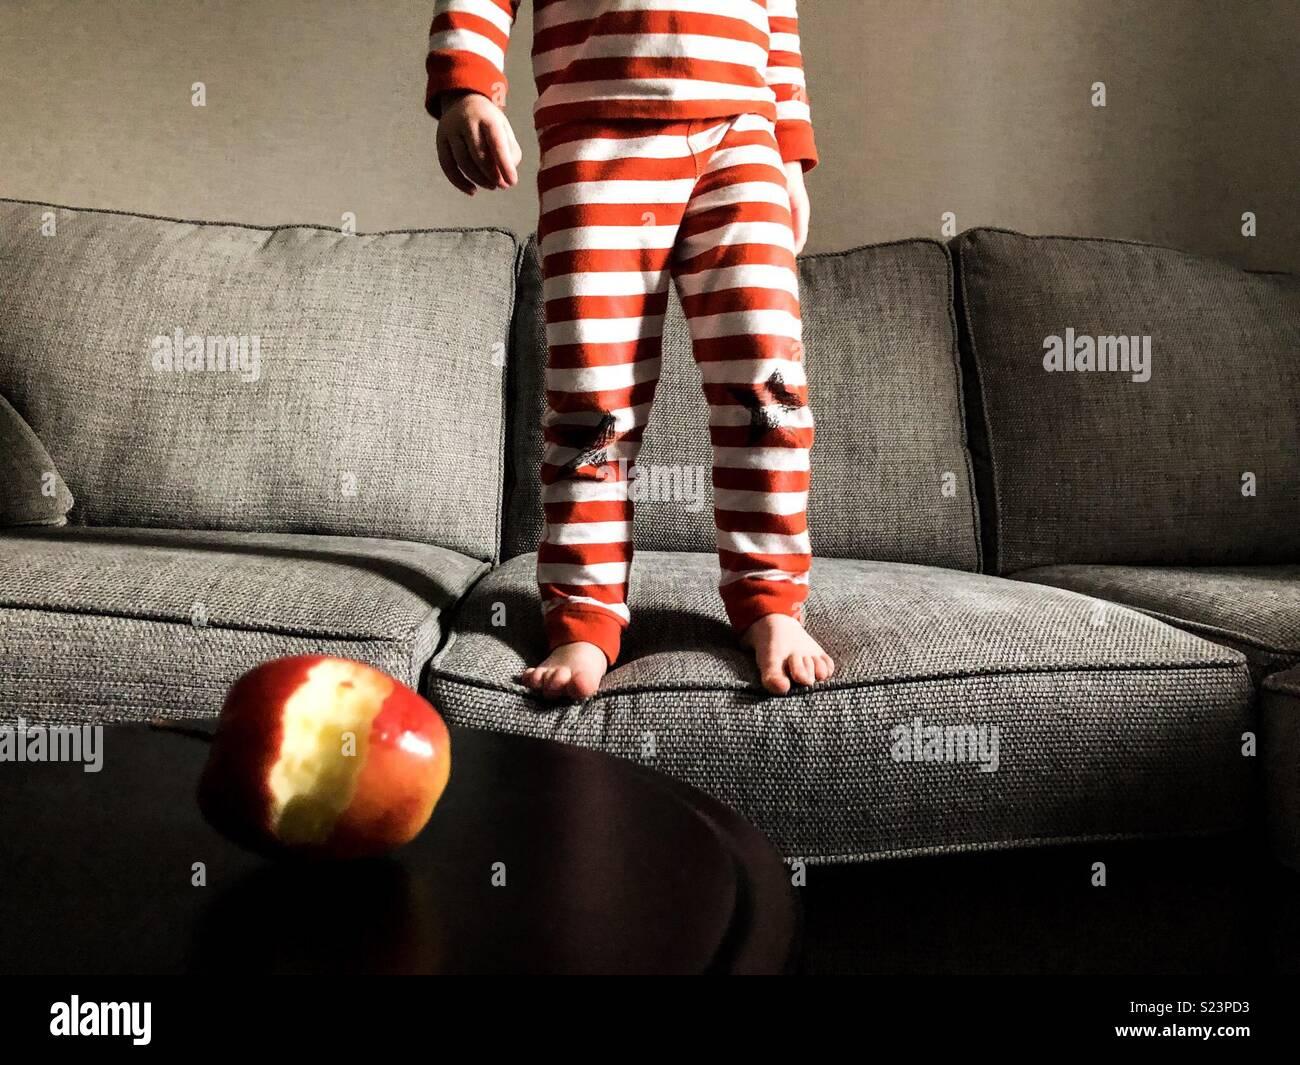 Pyjama à rayures enfant sur canapé à moitié mangé apple Photo Stock